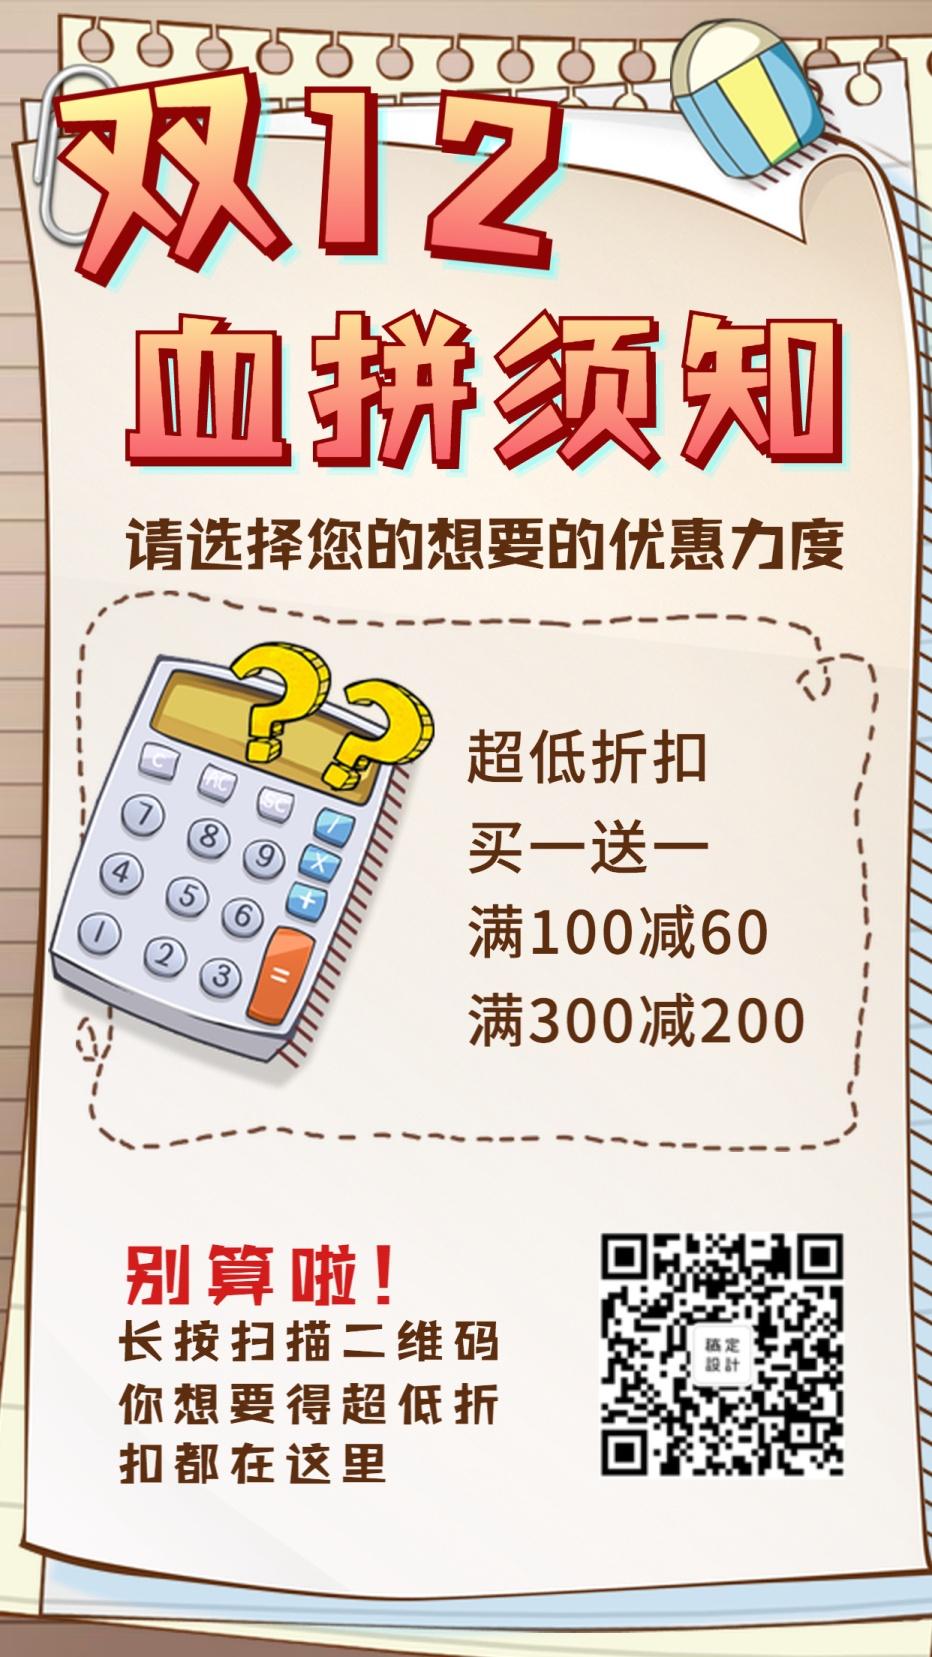 双12双十二剁手优惠活动推广手绘卡通手机海报